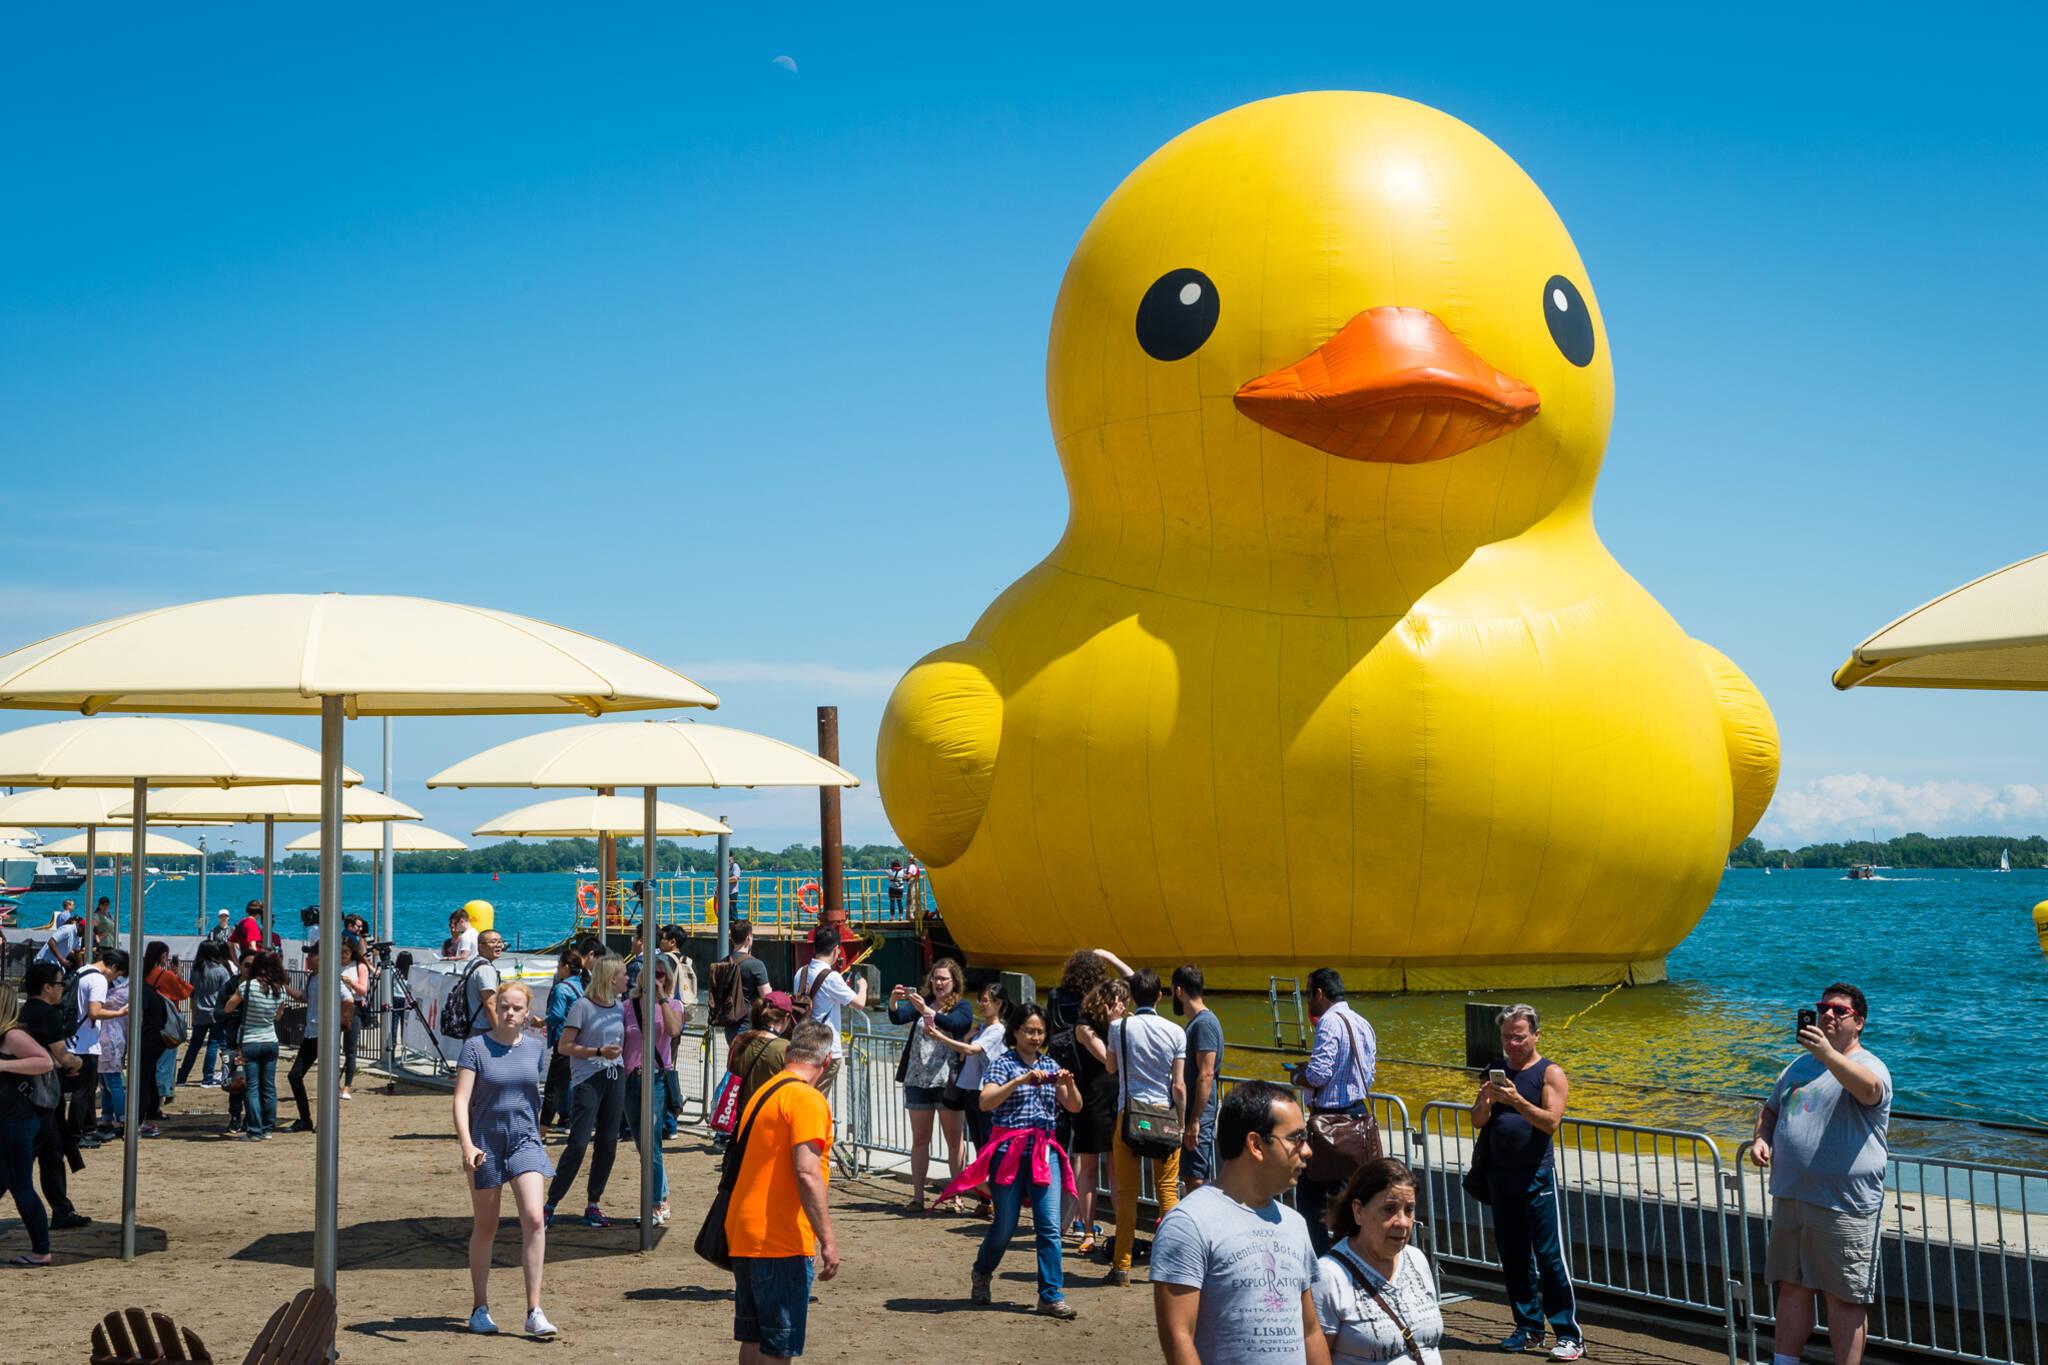 worlds biggest rubber duck